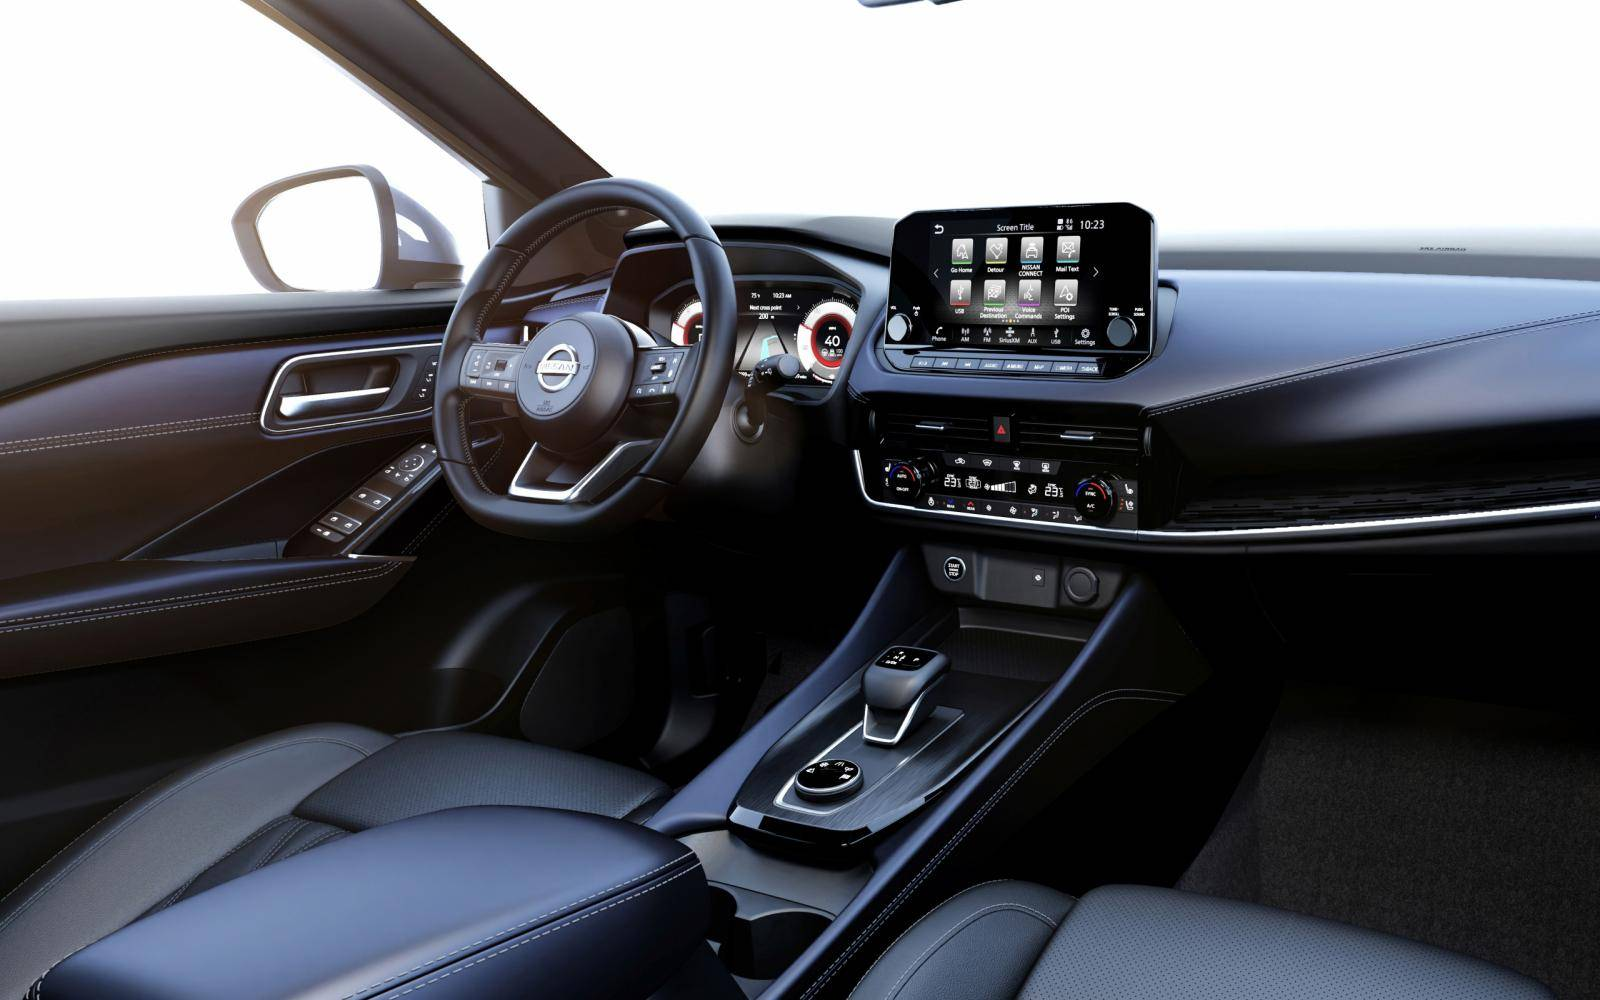 Nieuwe Nissan Qashqai is een elektrische auto, maar dan net even anders ...